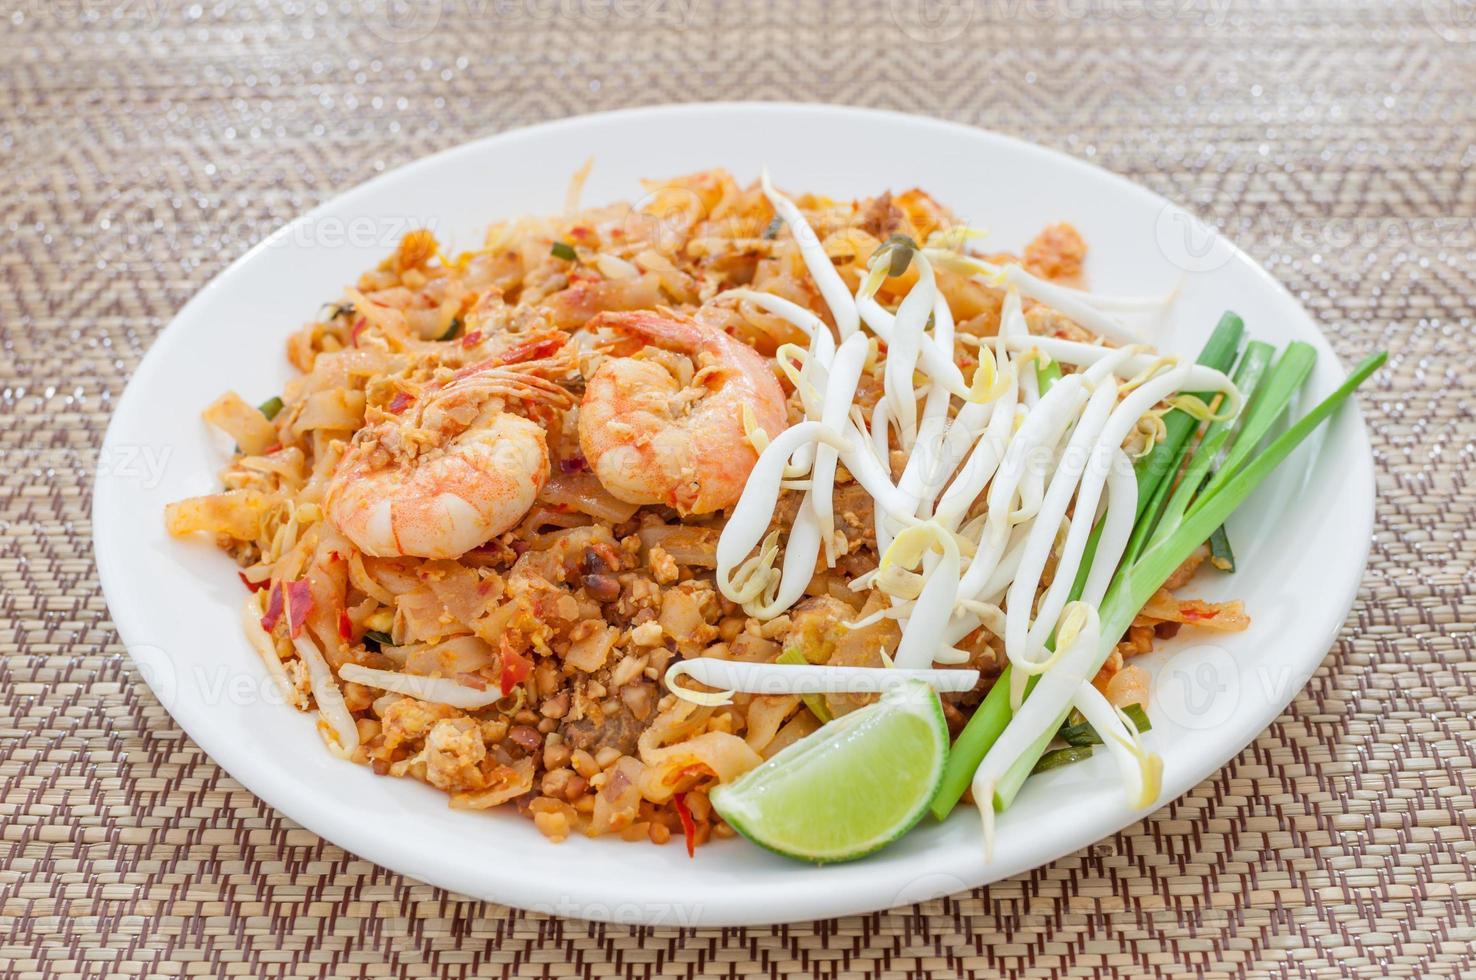 gebakken noedels op Thaise wijze met garnalen (pad thai) foto